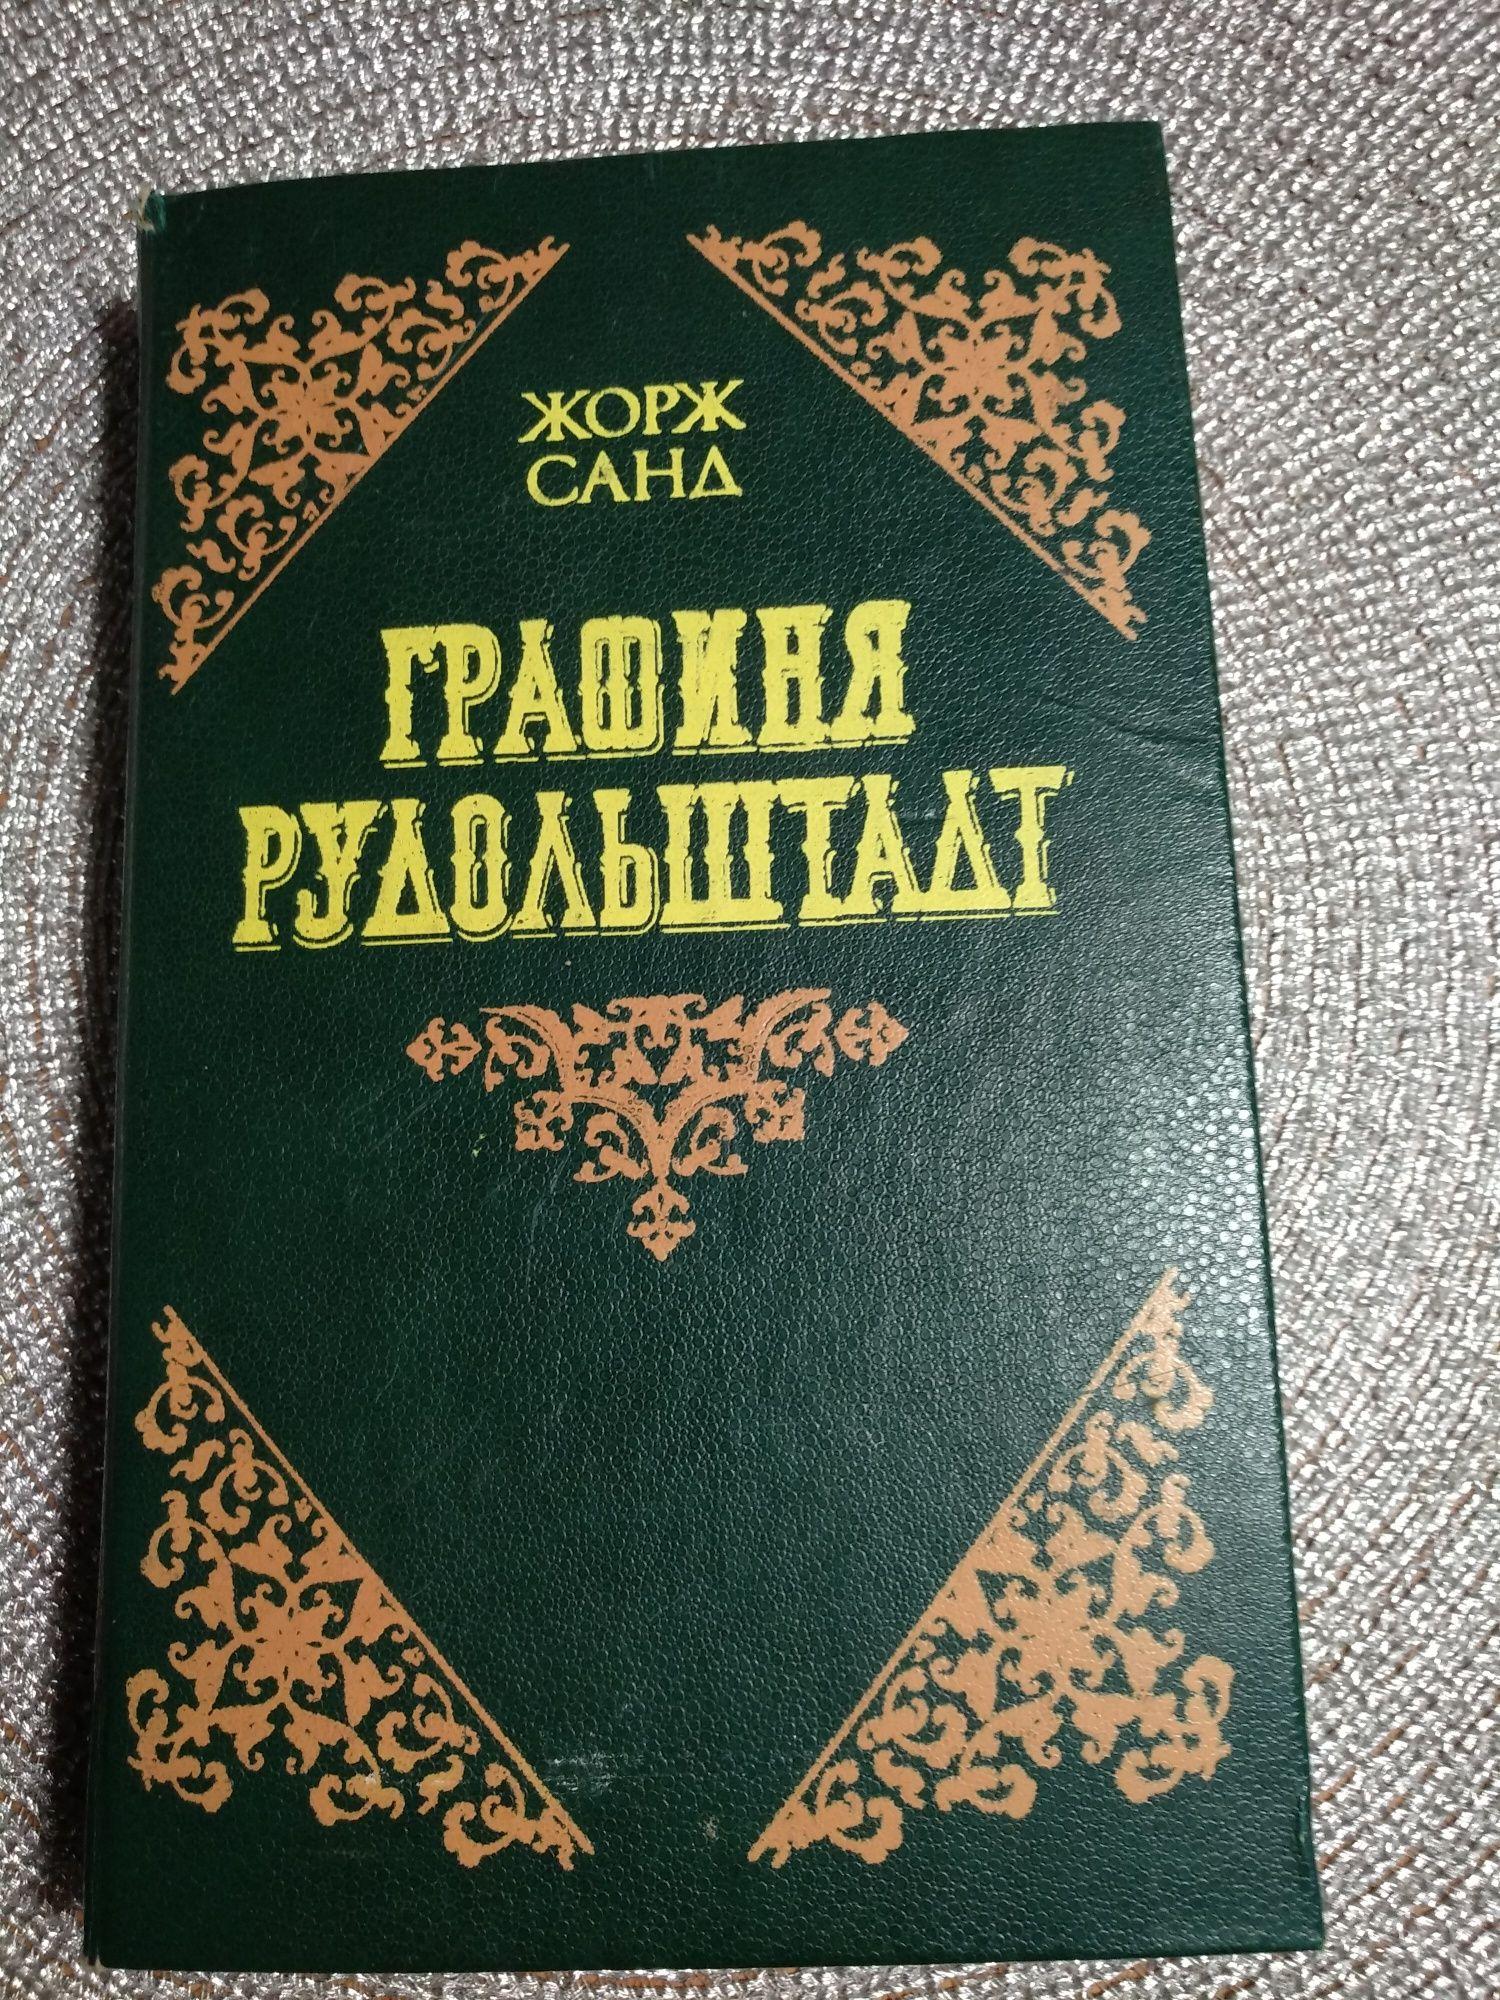 Книга Жорж Санд роман ,Графиня Рудольштадт, 512стр.